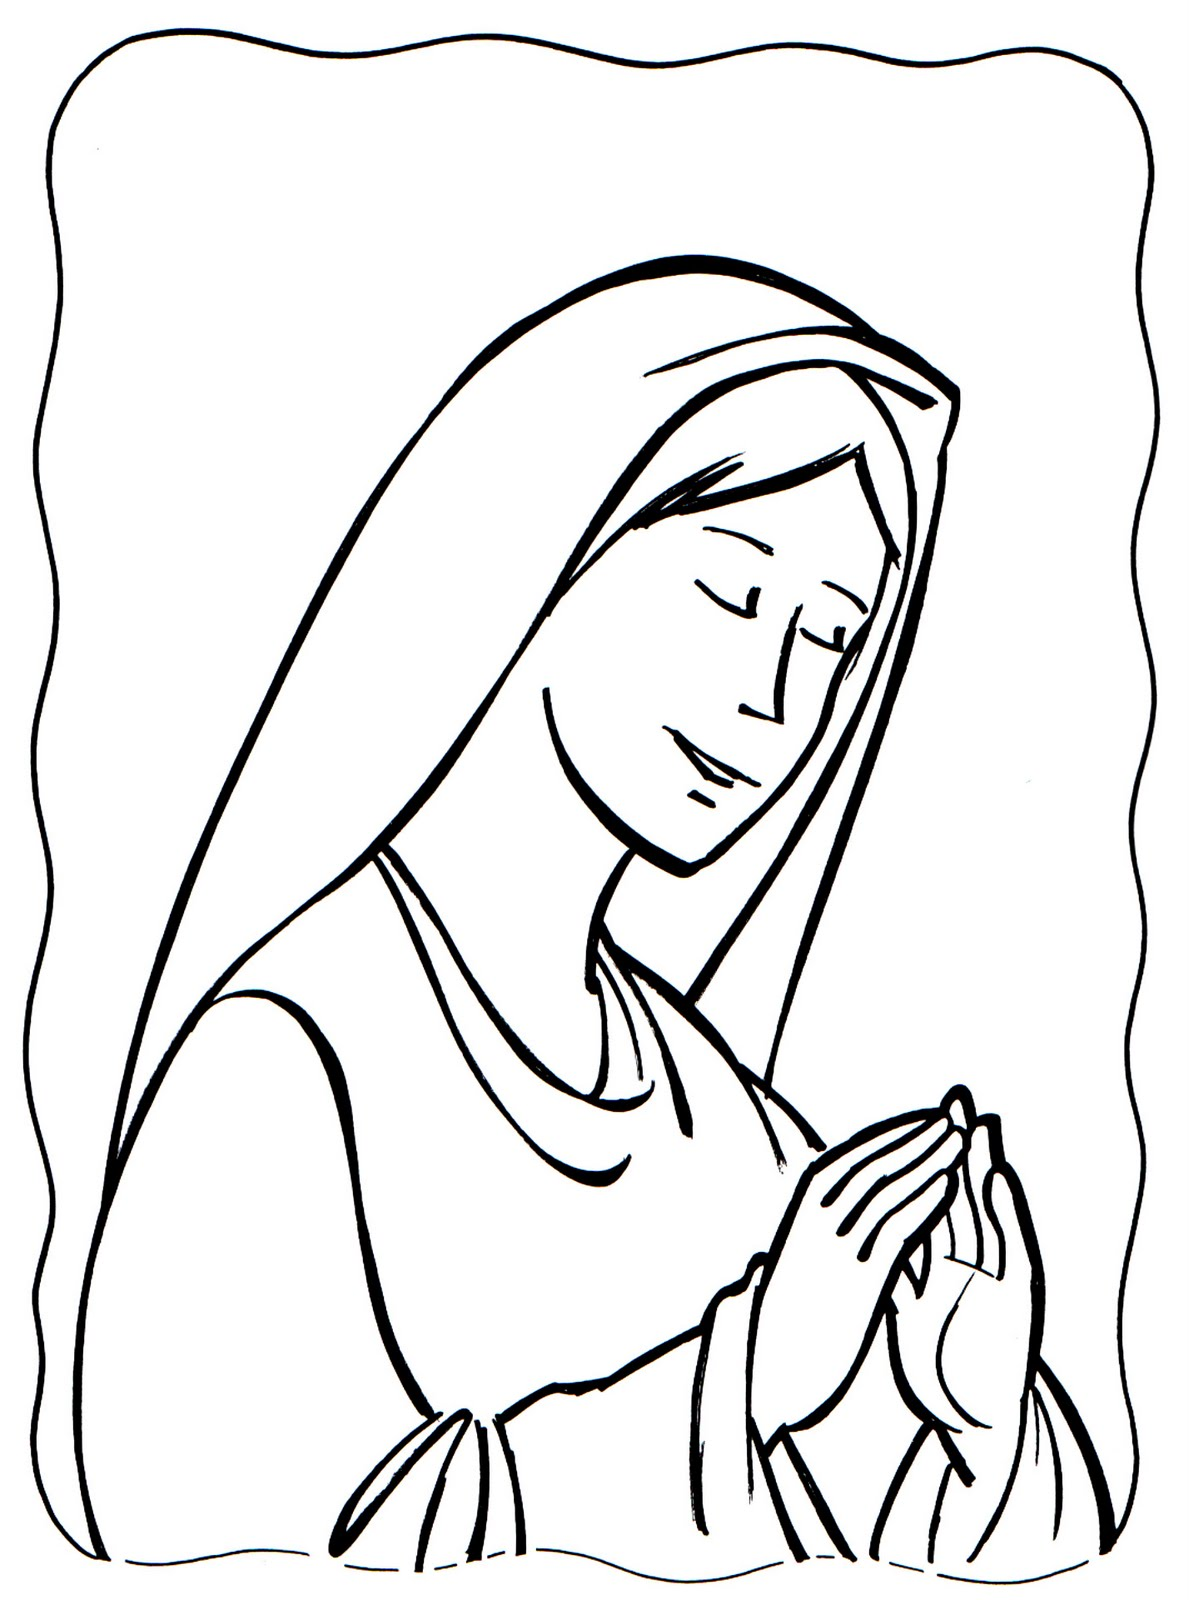 Dibujos para colorear - Predicación de Jesús - Páginas